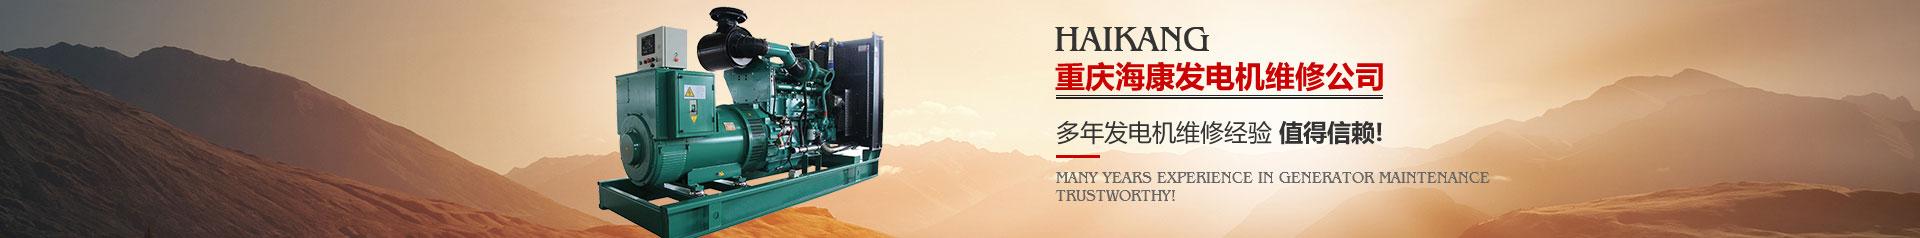 重庆發電機維修